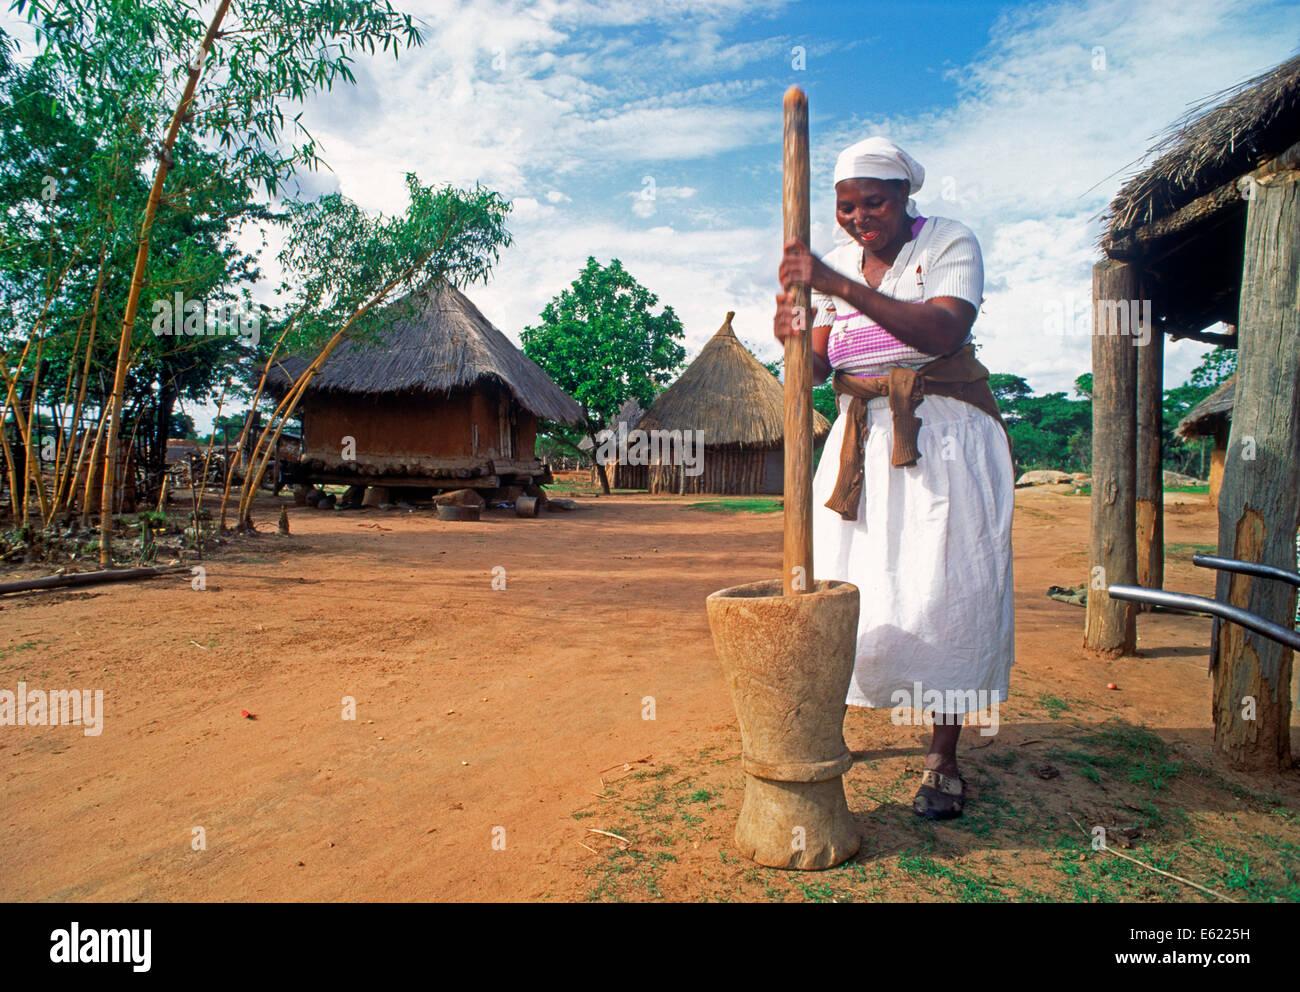 Femme battre maïs pour cornbread village au Zimbabwe Photo Stock